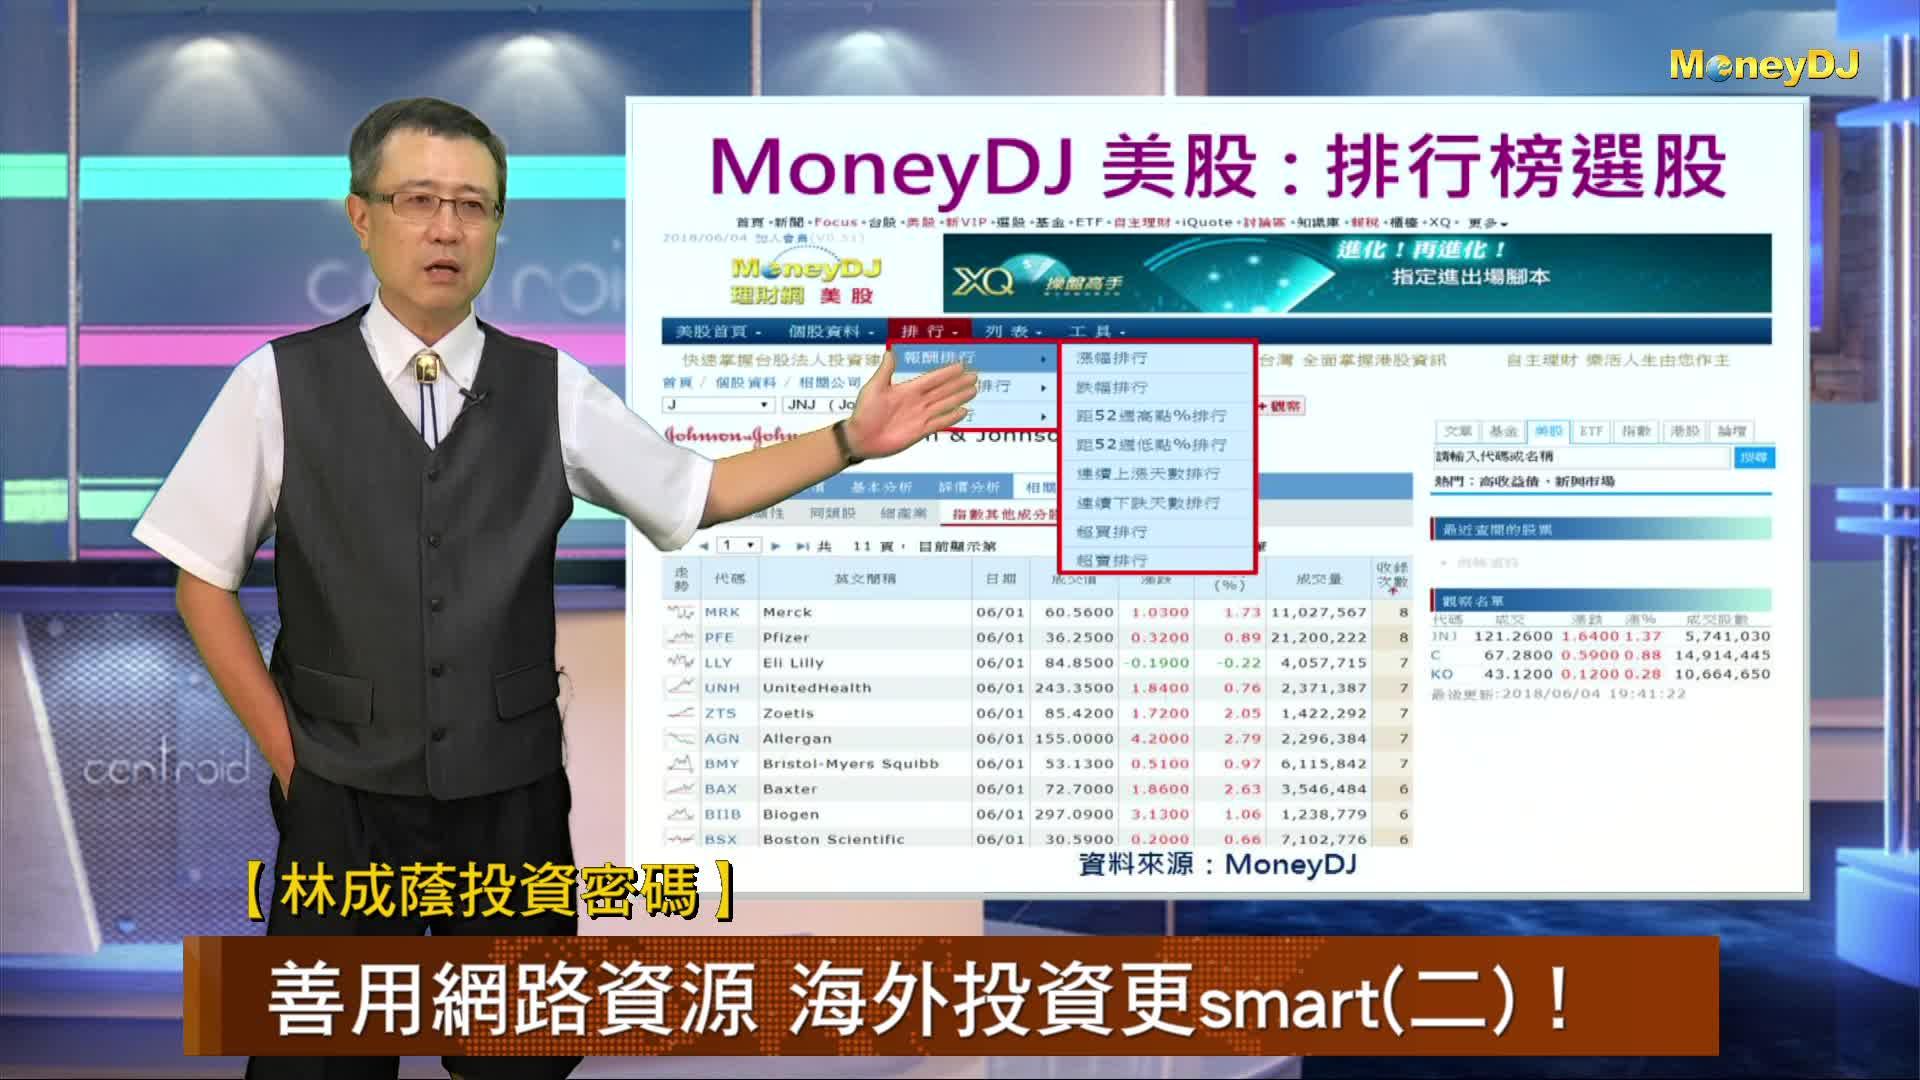 善用網路資源 海外投資更smart(二) !